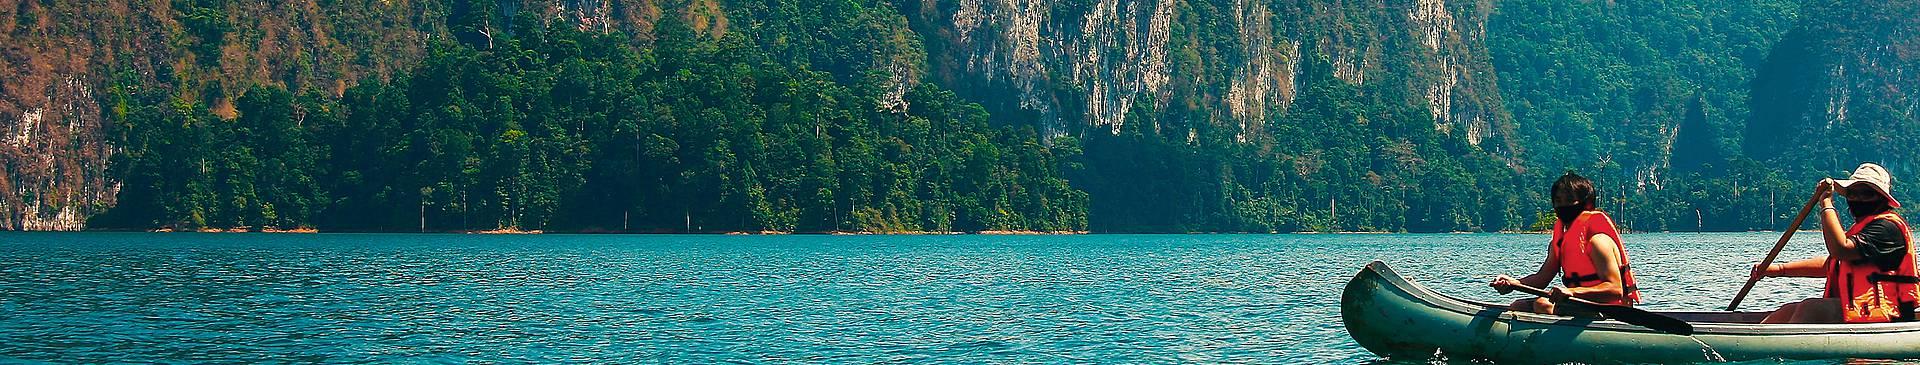 Viajes a Tailandia en verano